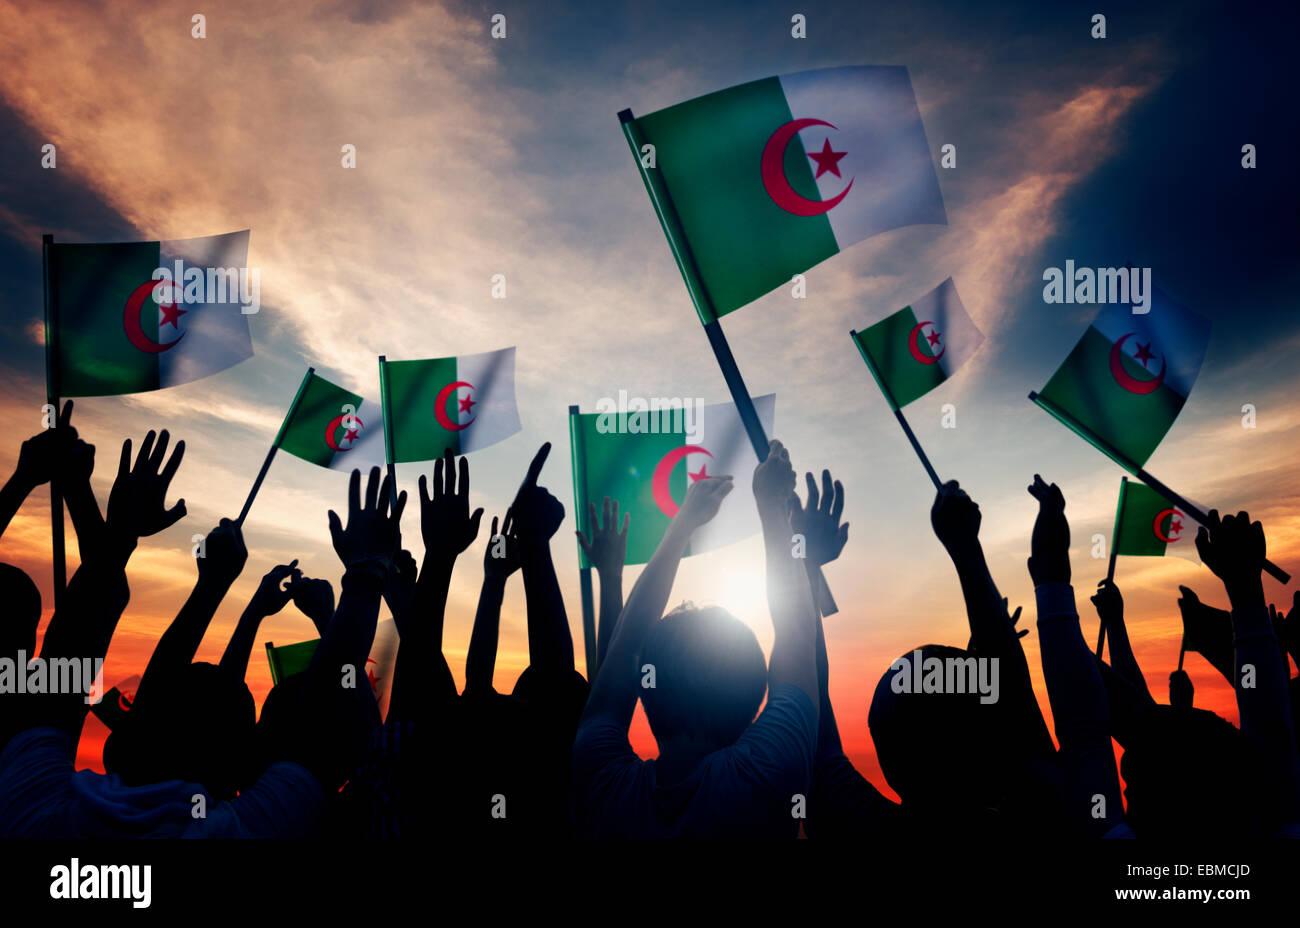 Siluetas de personas sosteniendo la Bandera de Argelia Imagen De Stock